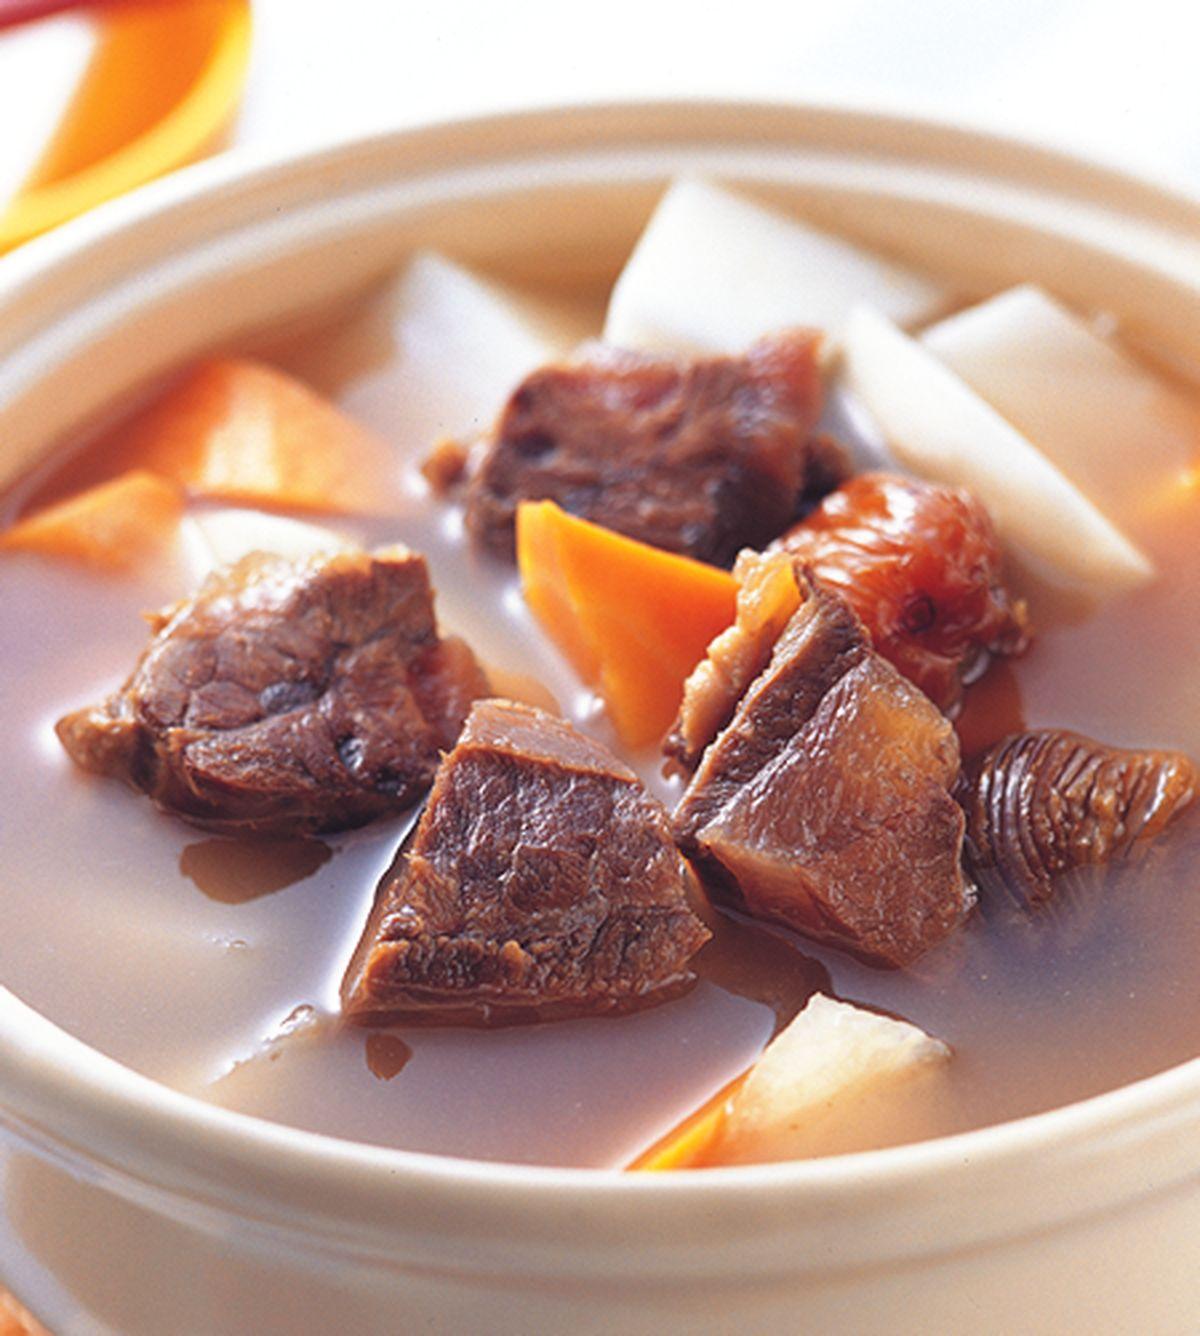 食譜:青紅蘿蔔牛腩湯